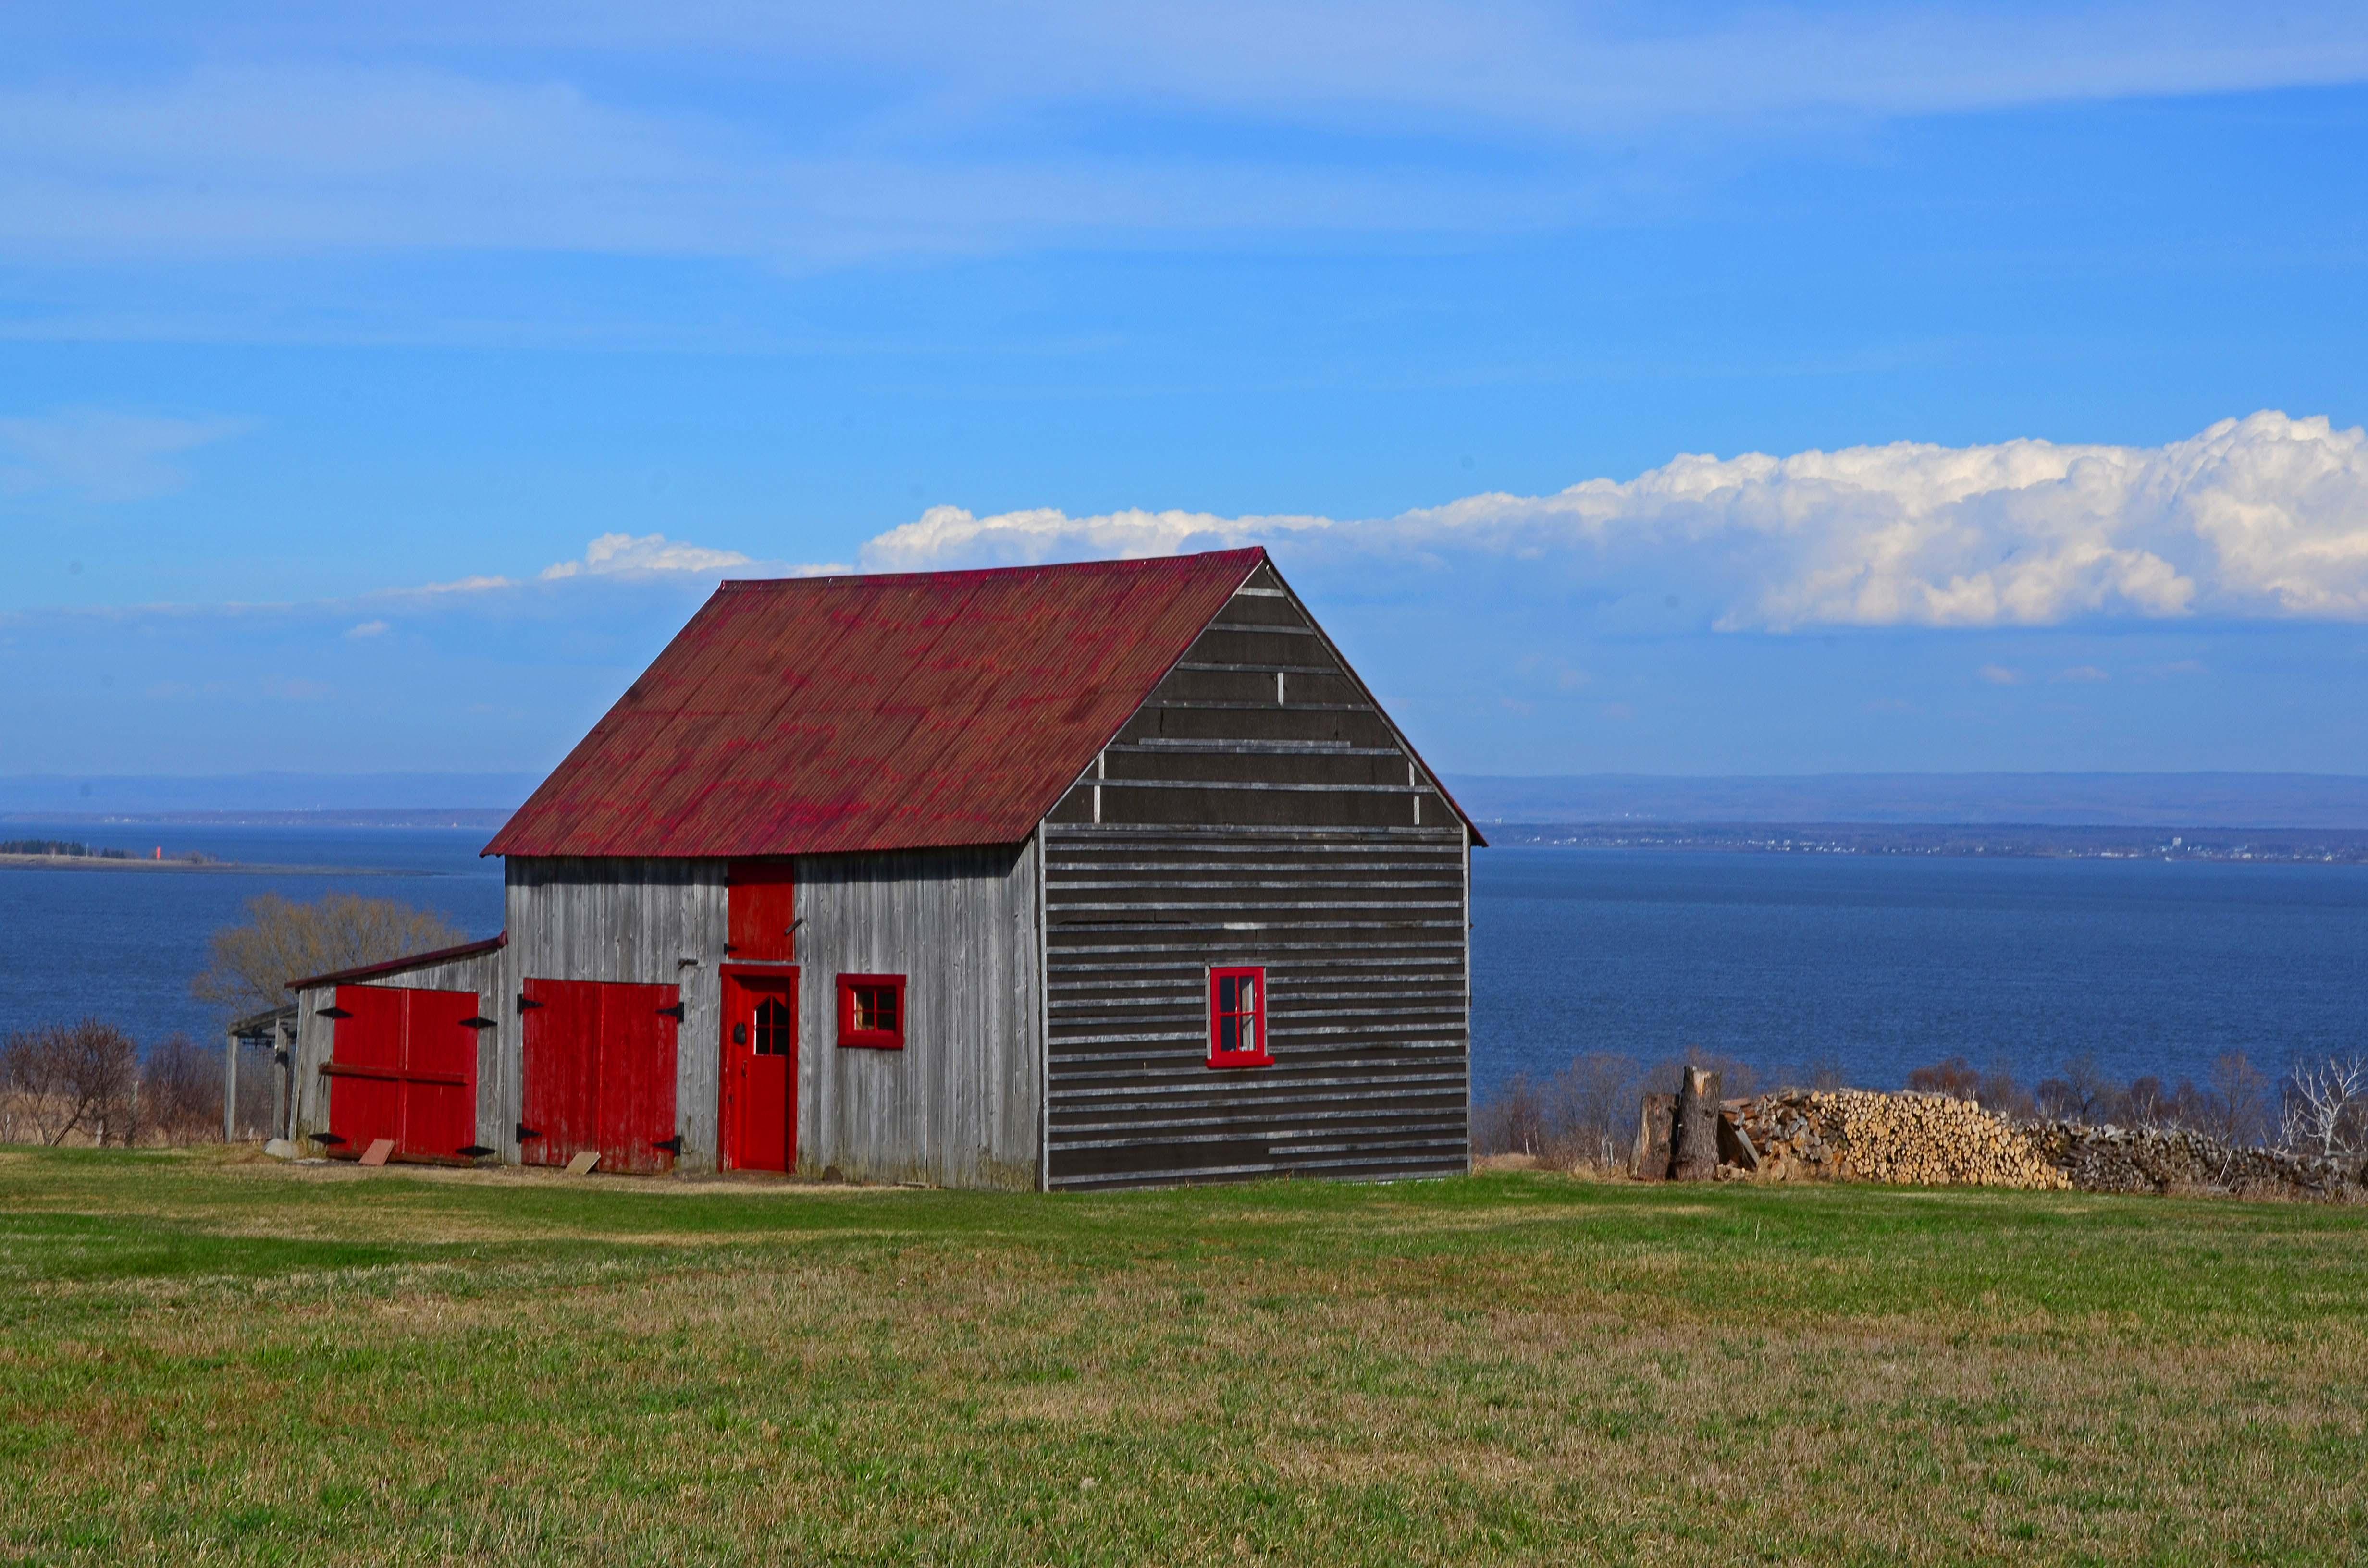 Old Barns  U00ab O U0026 39  Canada